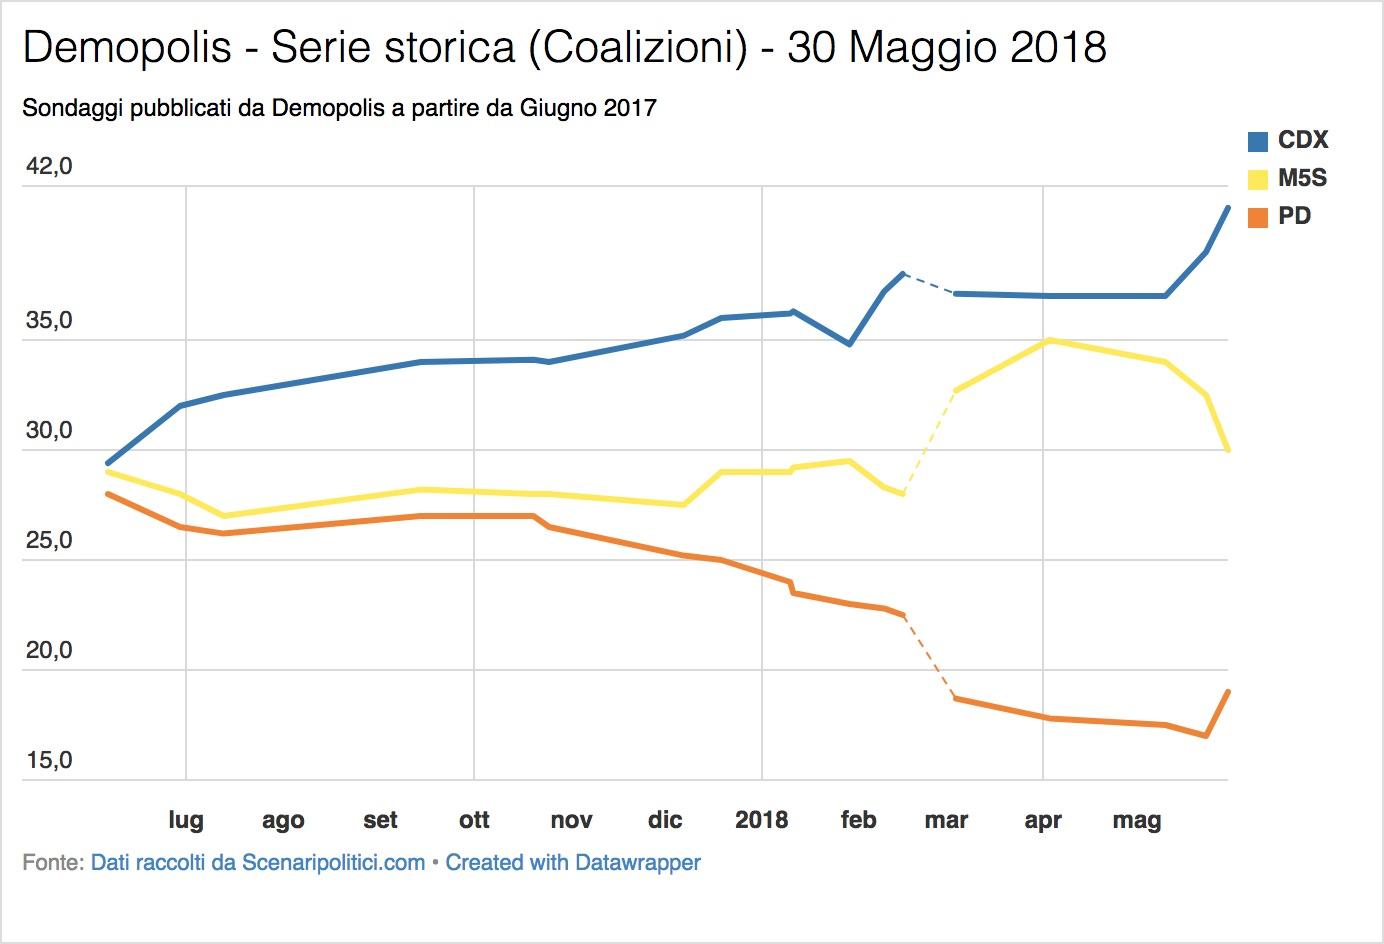 Sondaggio Demopolis (30 Maggio 2018)